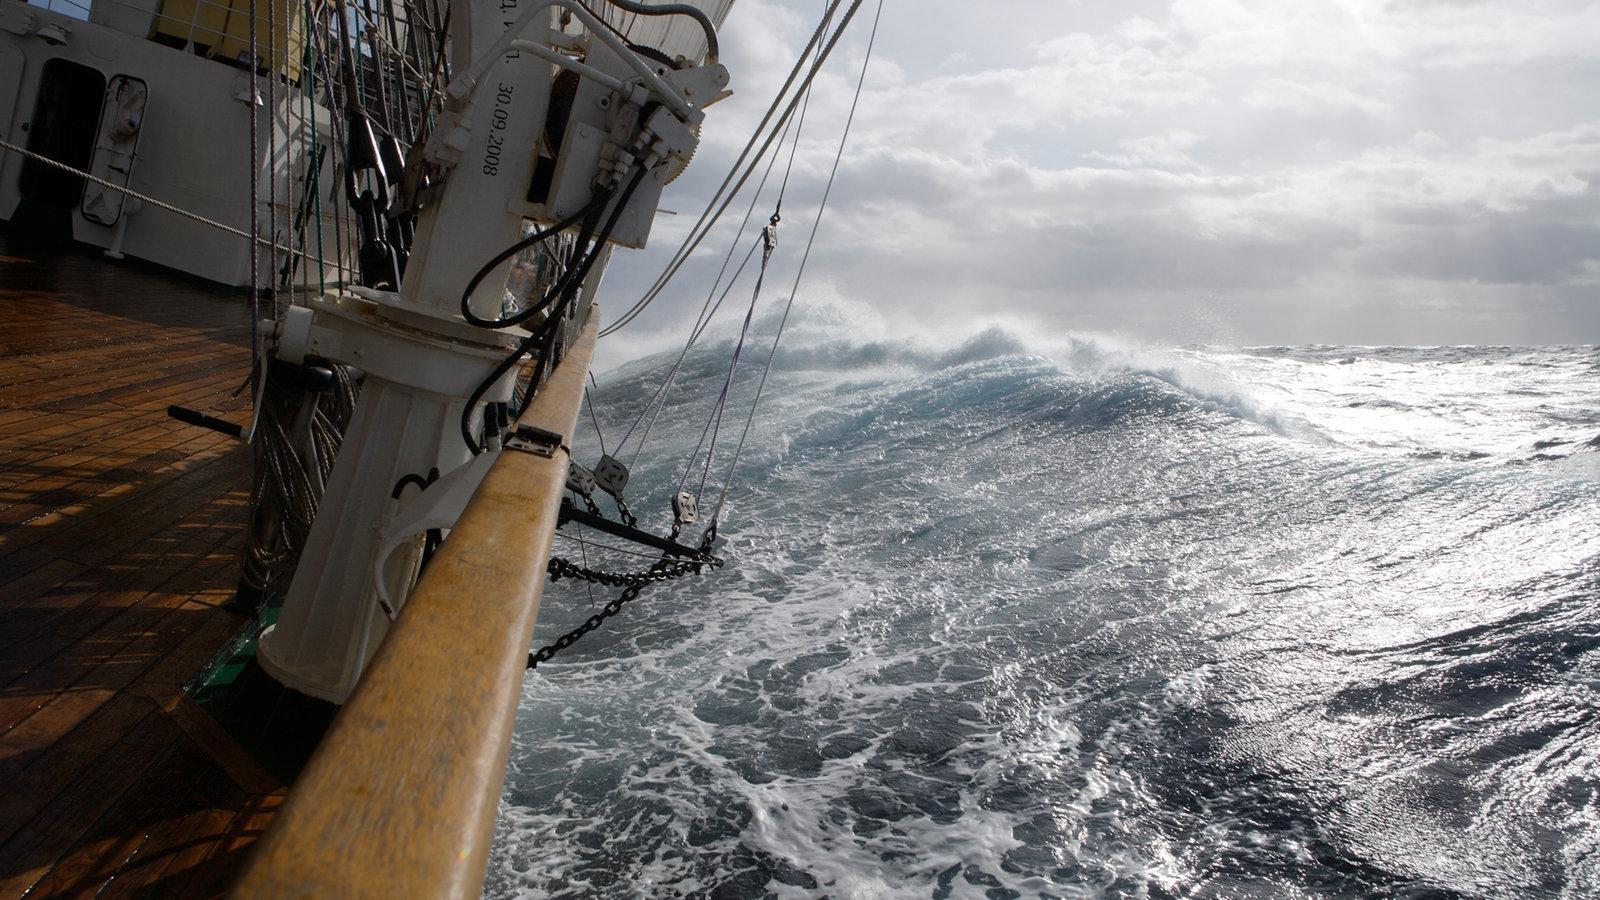 Energie aus dem Meer: Wem gehört das Meer? - Energie aus dem Meer ...